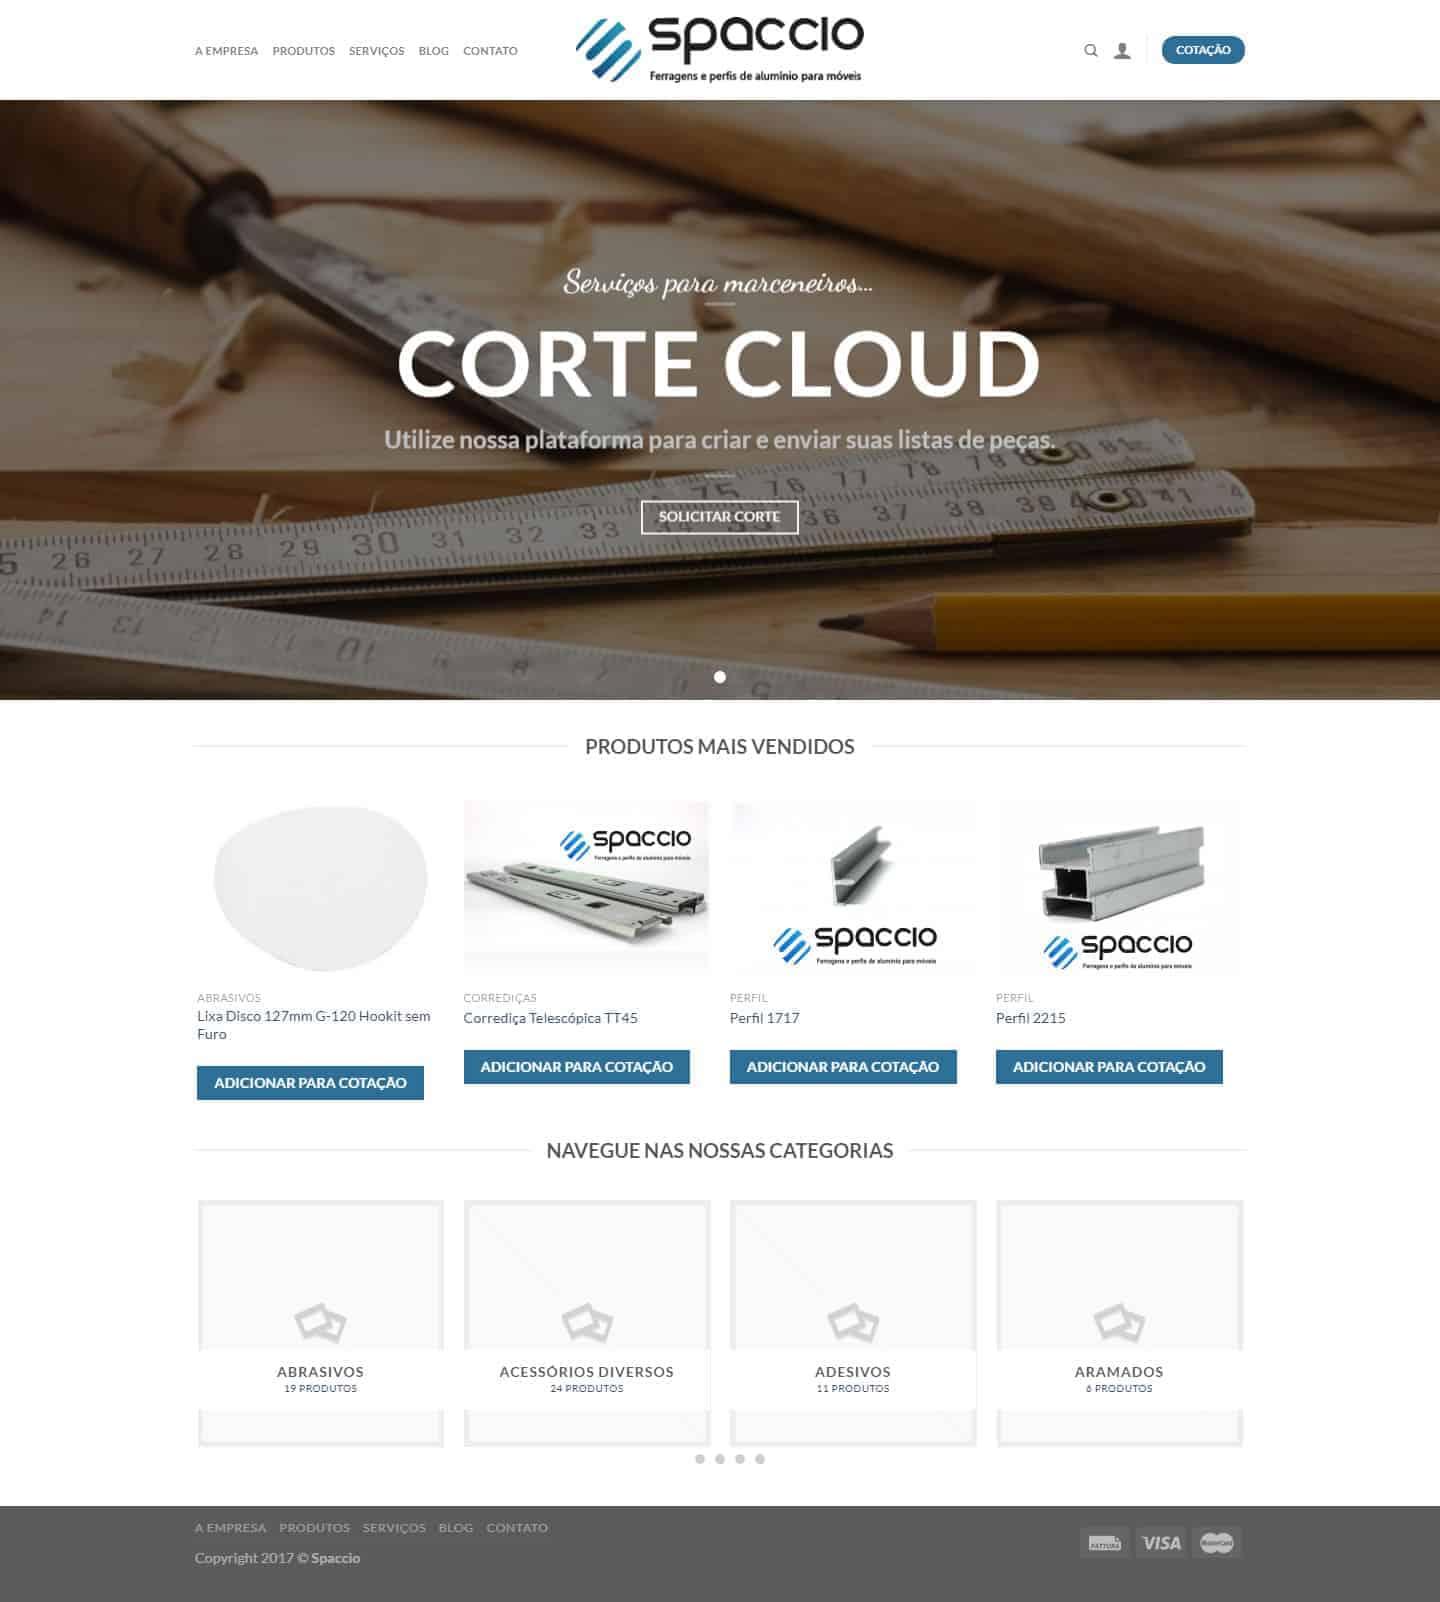 Página principal do site Spaccio Comércio Ltda.